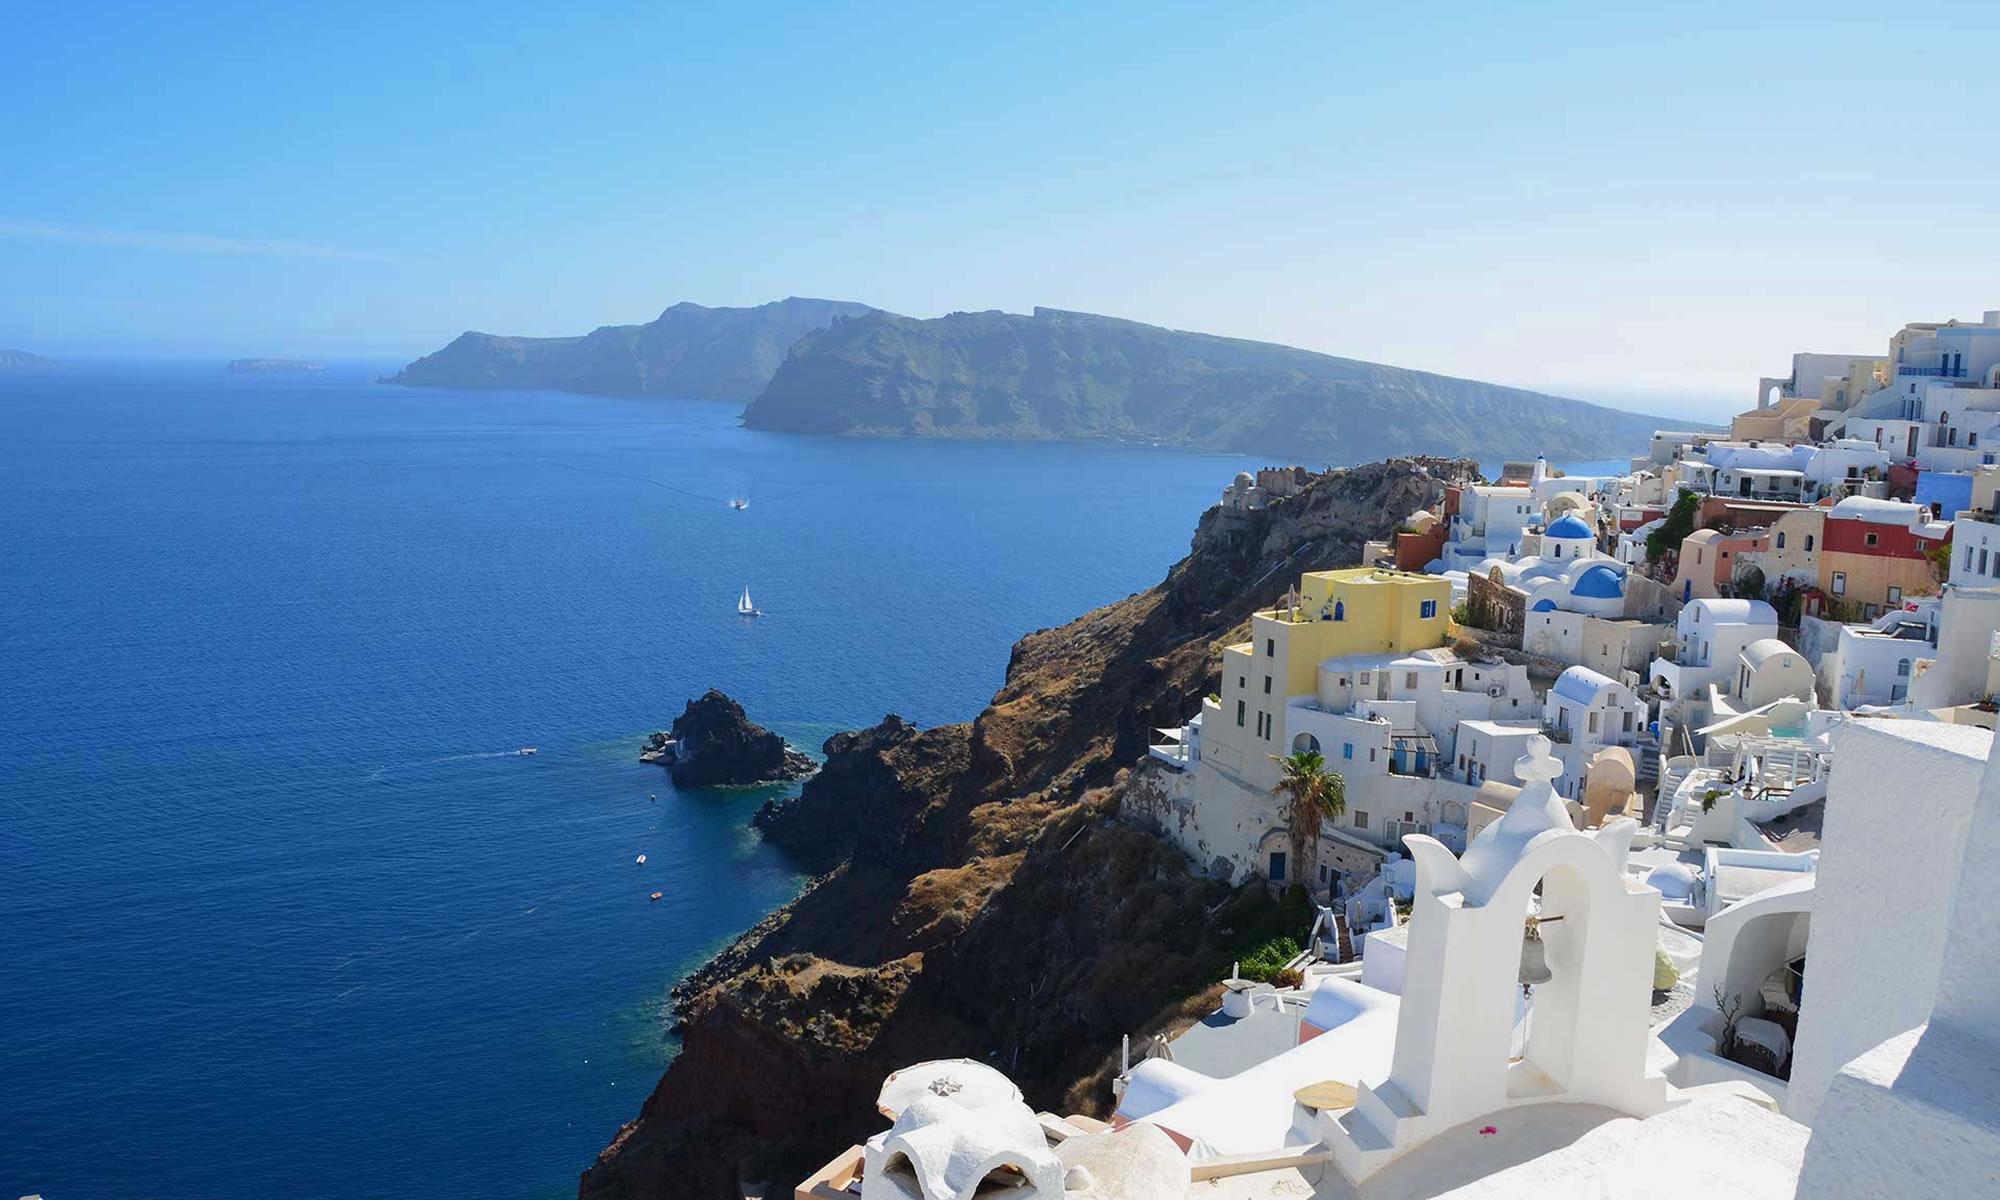 scenes-from-santorini-greece